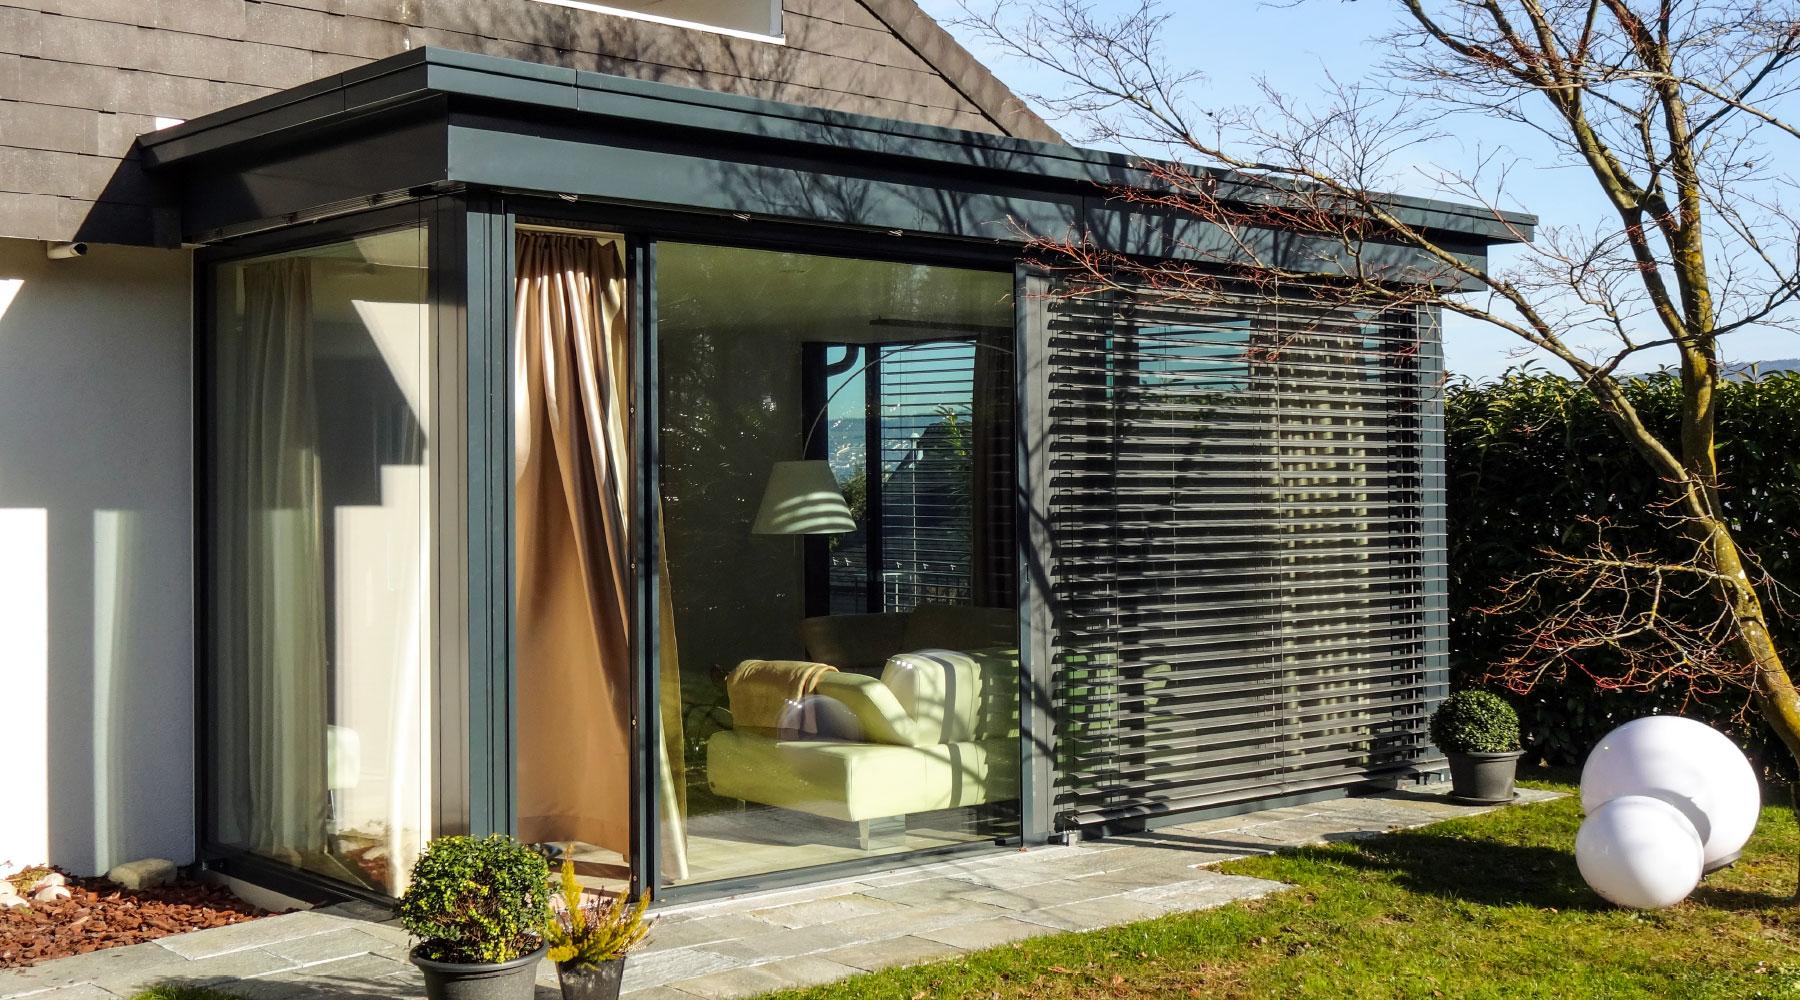 Wintergarten wohnwintergarten wohnraumerweiterungen for Wintergarten einrichtung modern